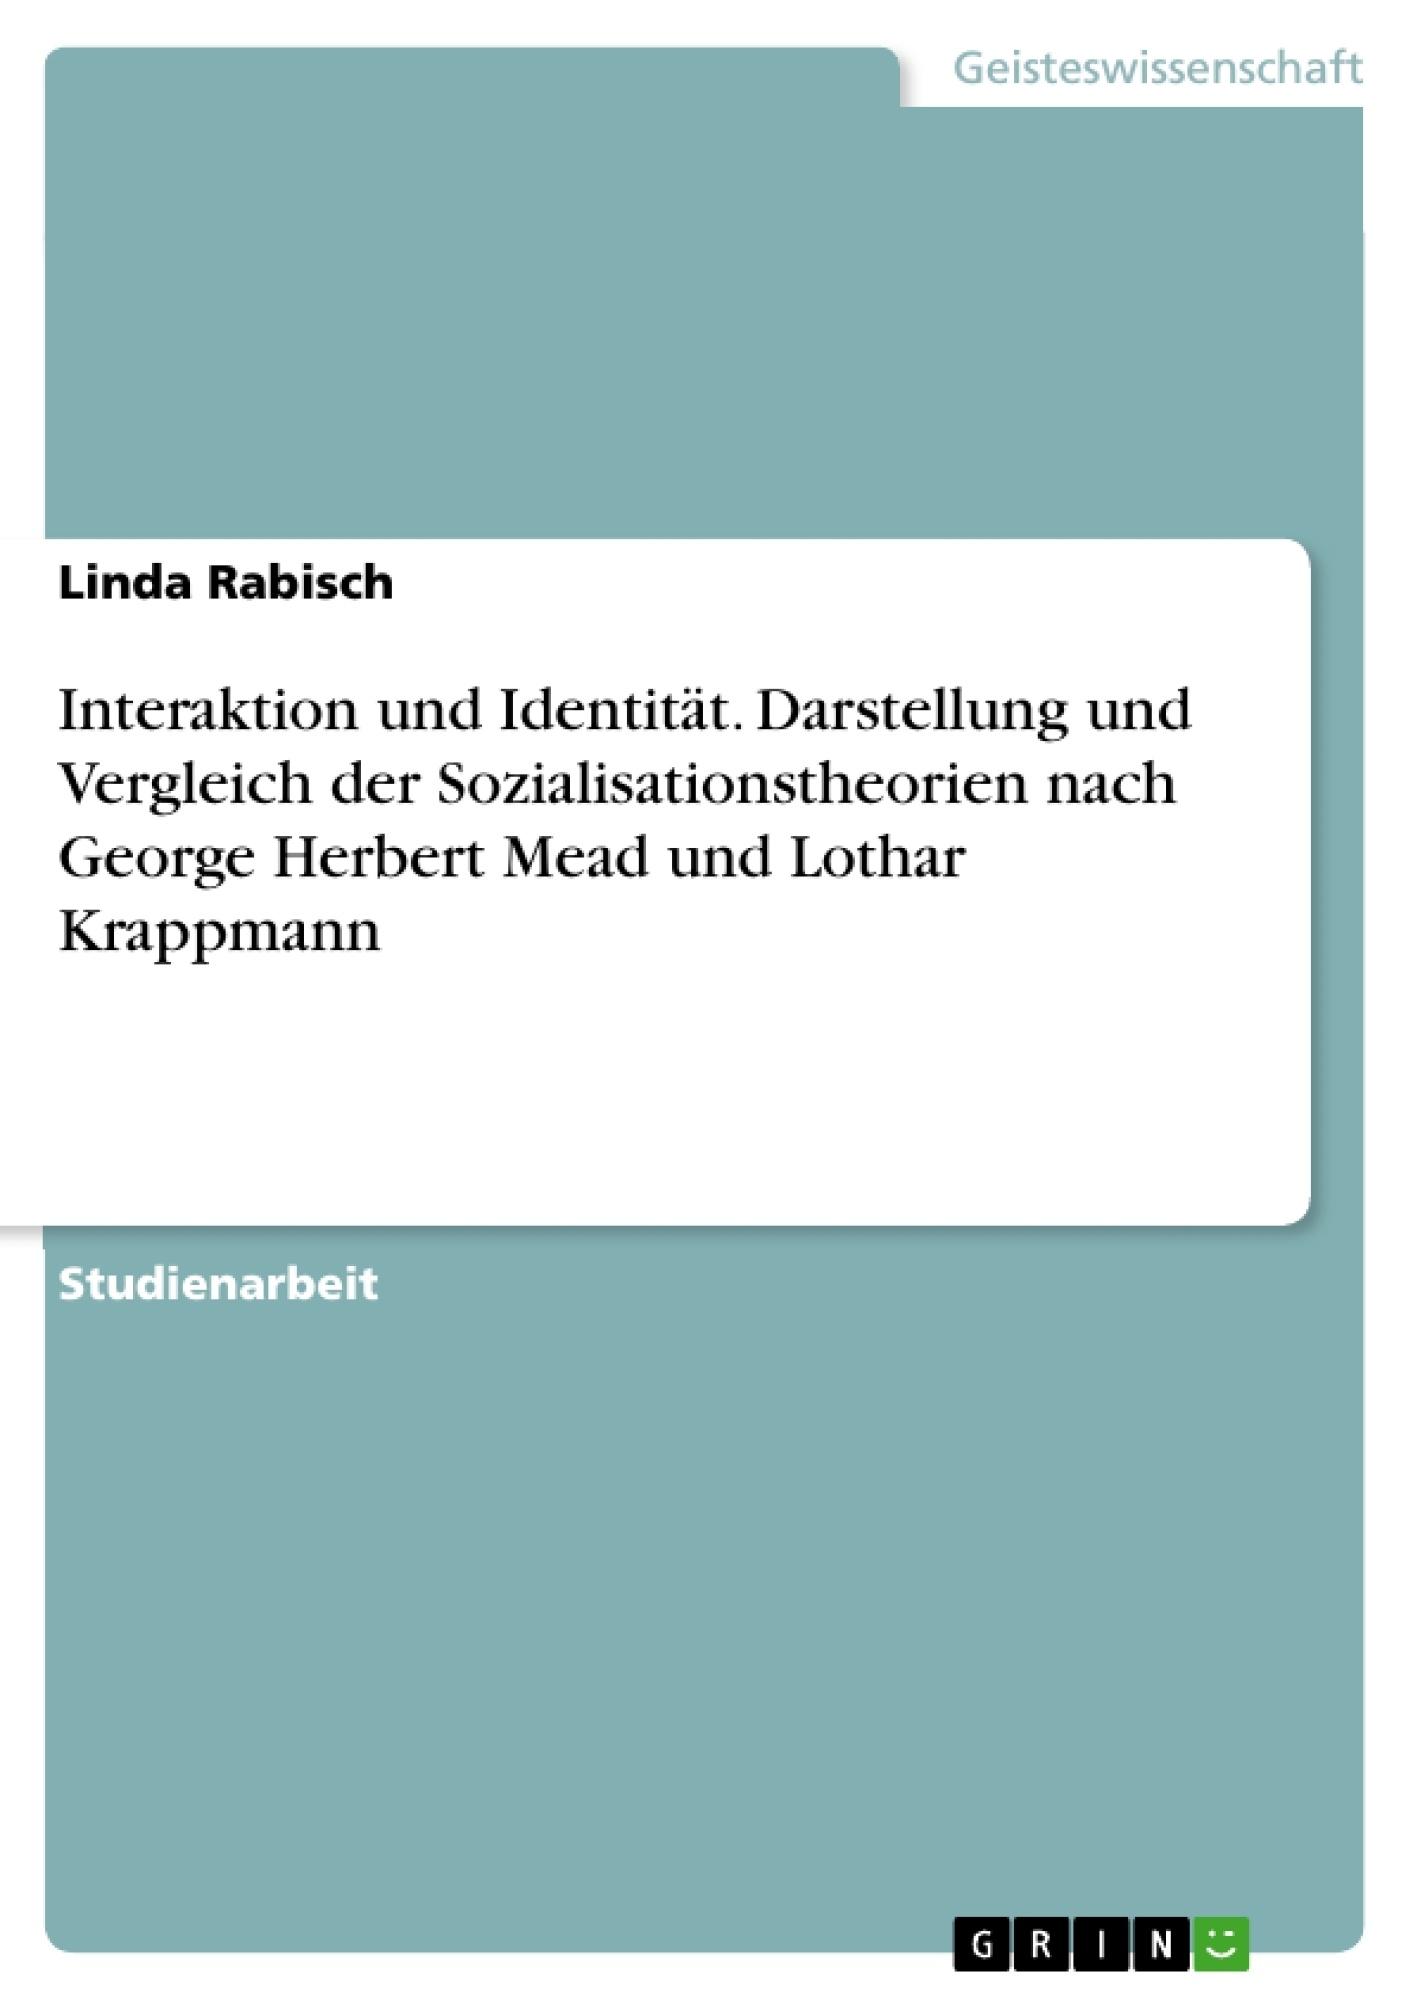 Titel: Interaktion und Identität. Darstellung und Vergleich der Sozialisationstheorien nach George Herbert Mead und Lothar Krappmann